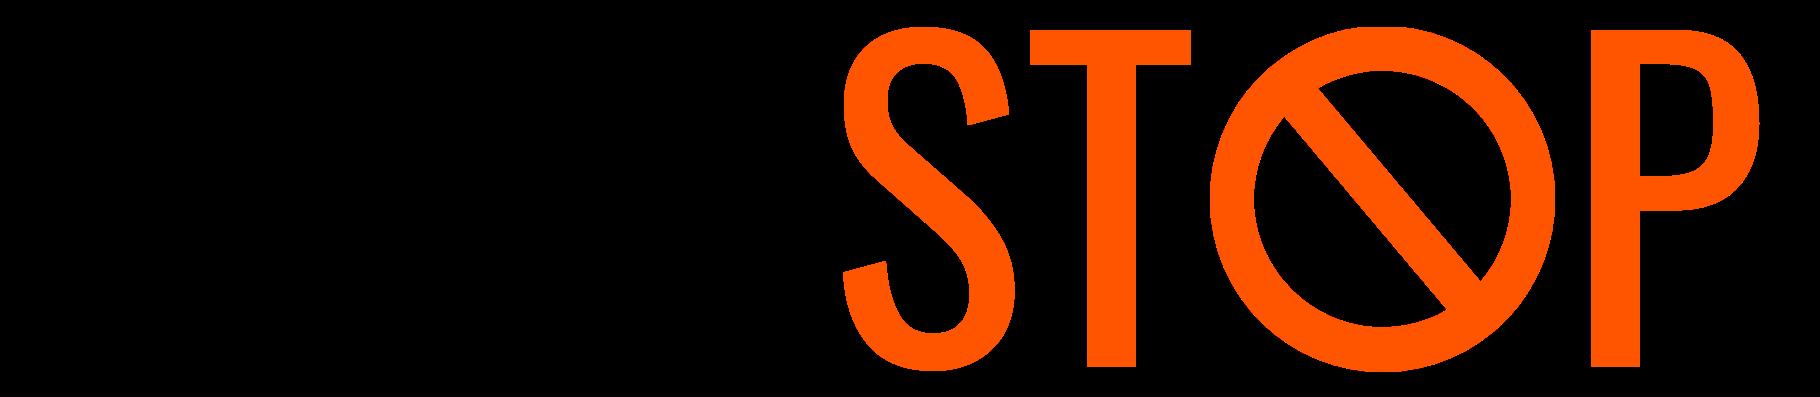 Skimstop logo svart utan trådlös